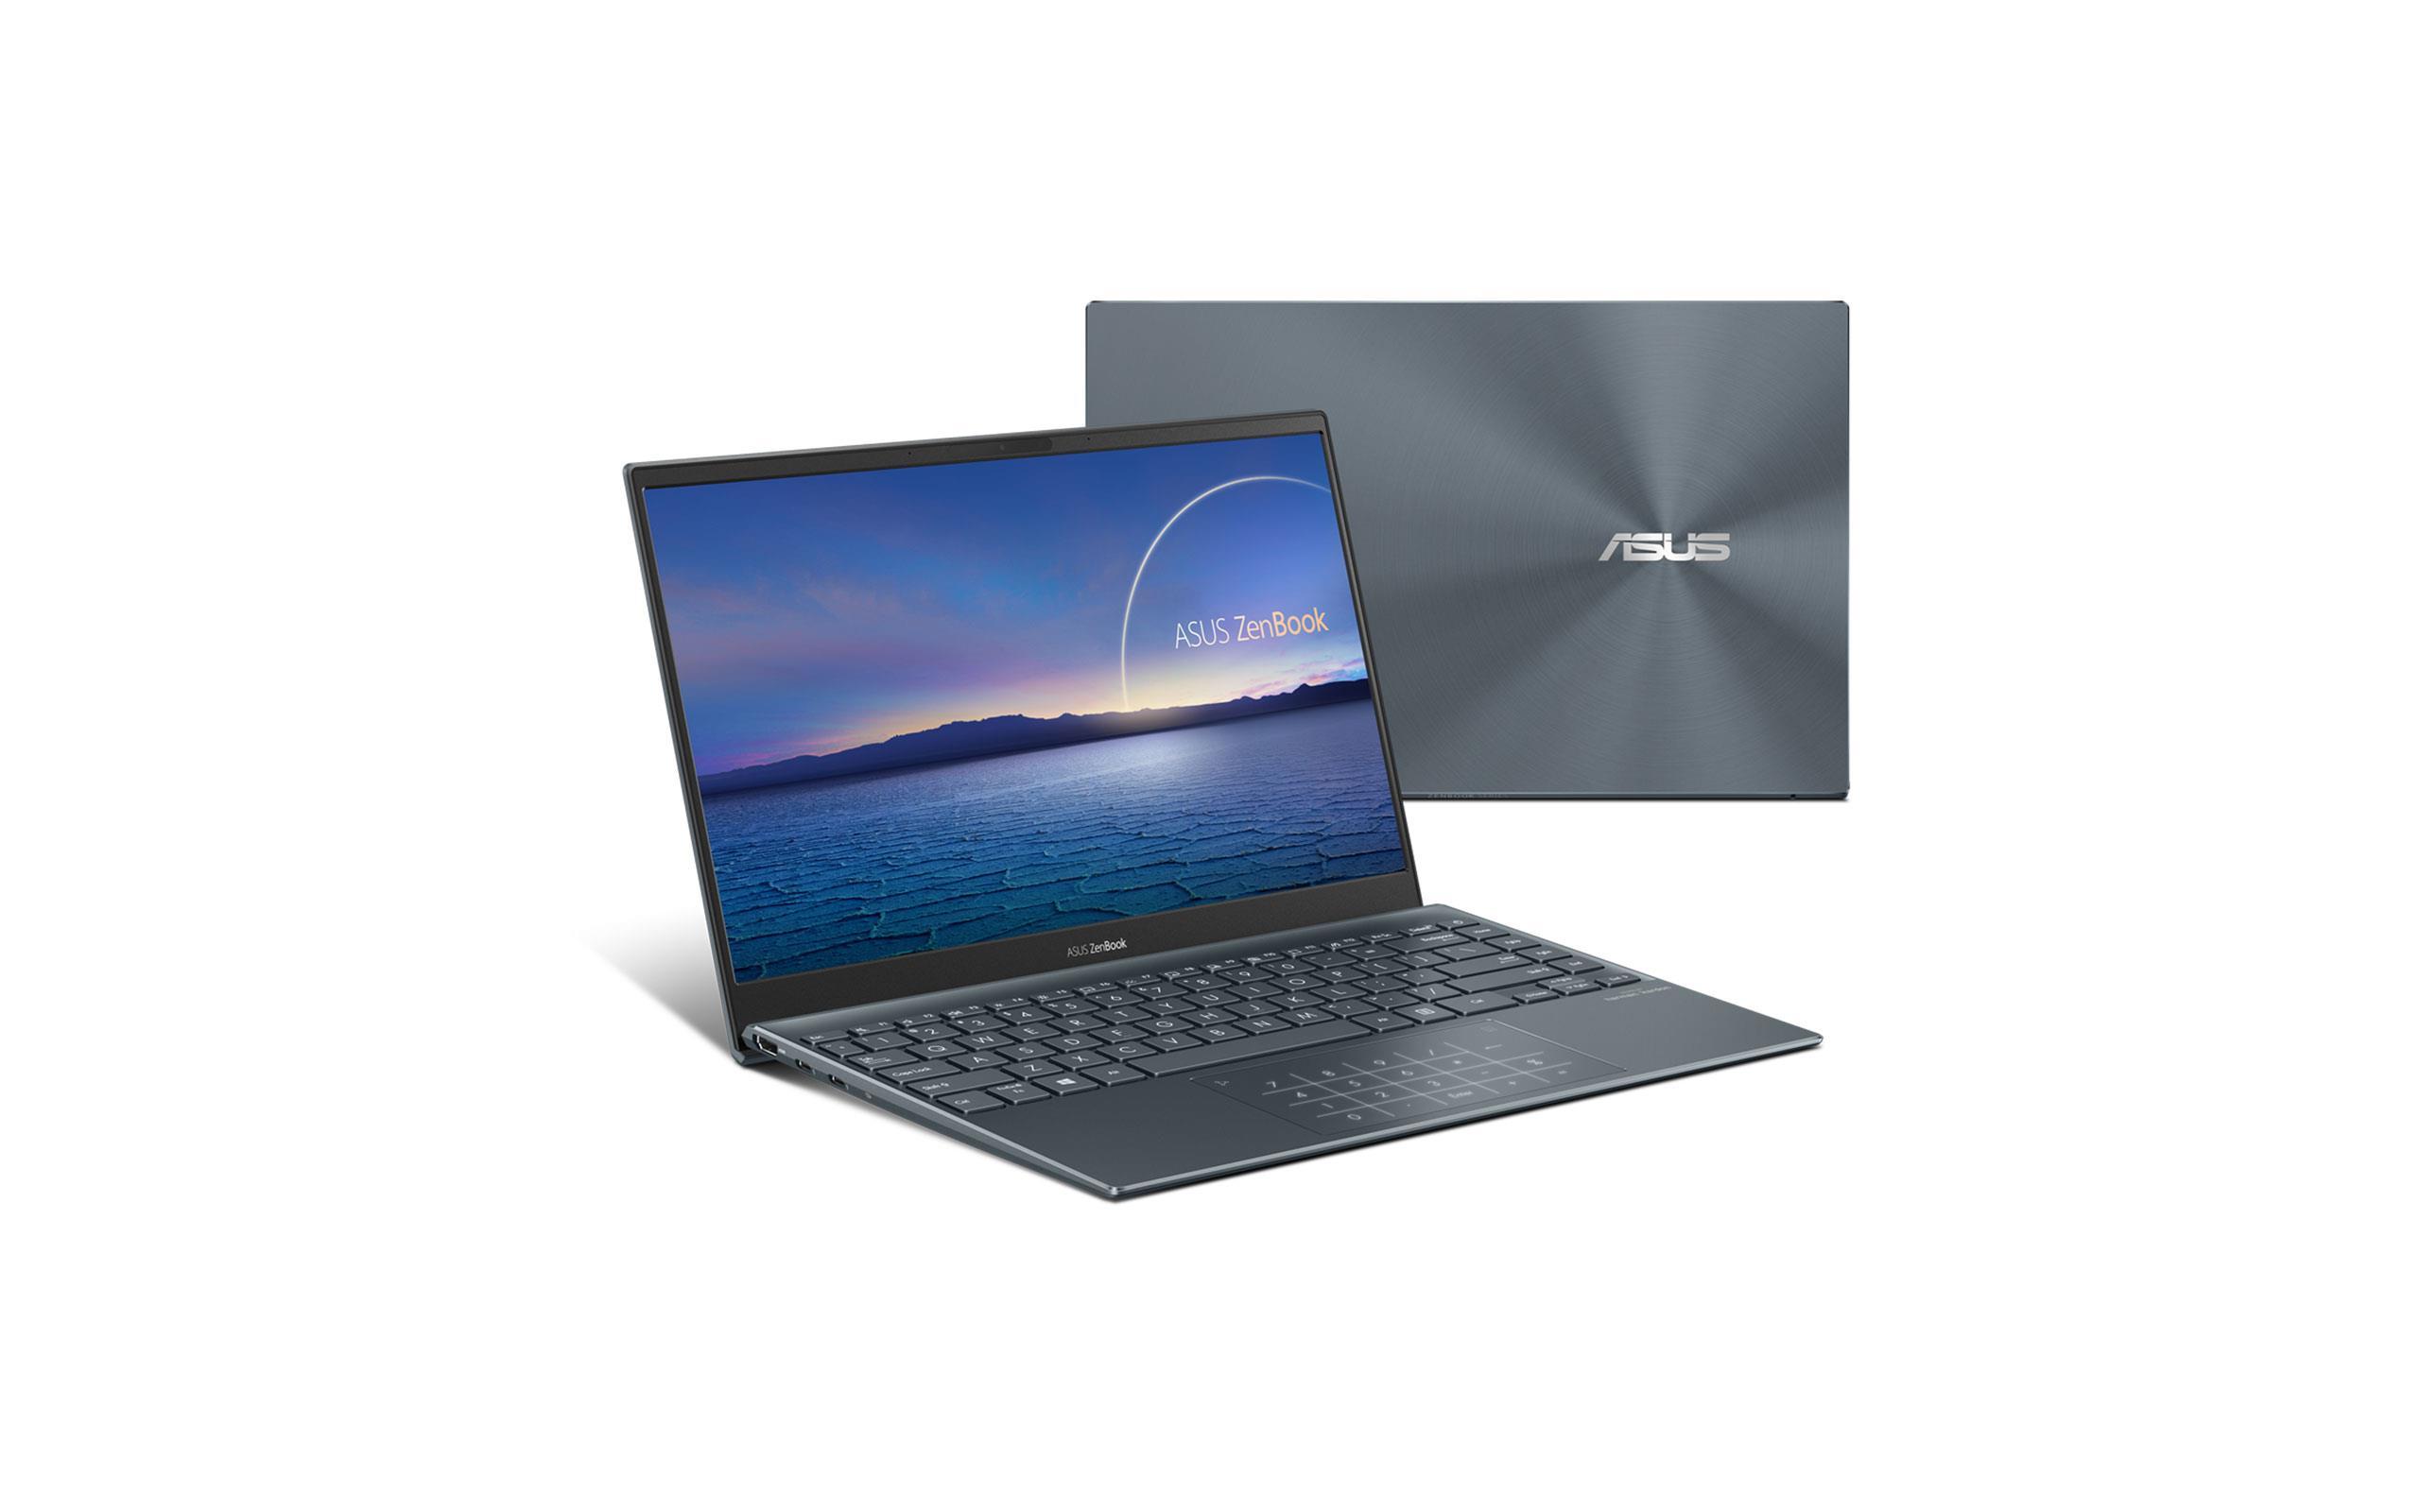 ASUS  ZenBook 14 UX425 (11th Gen Intel)